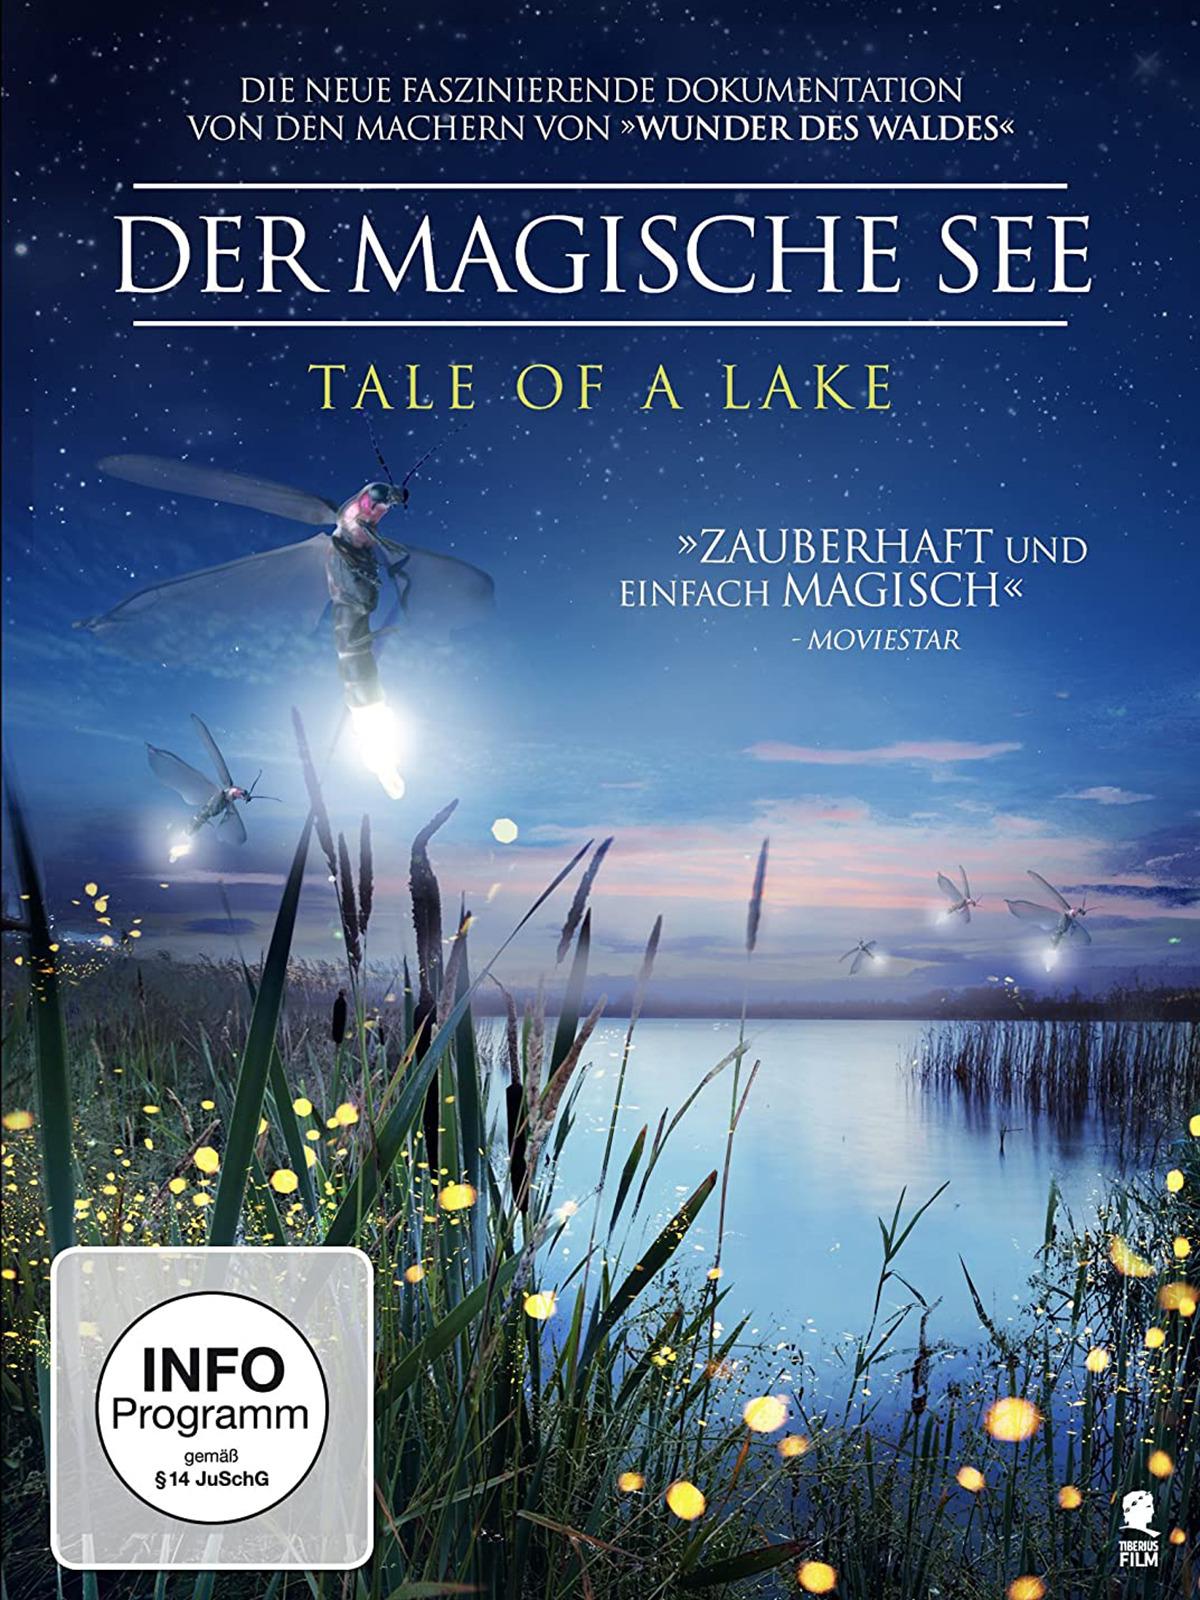 Der magische See